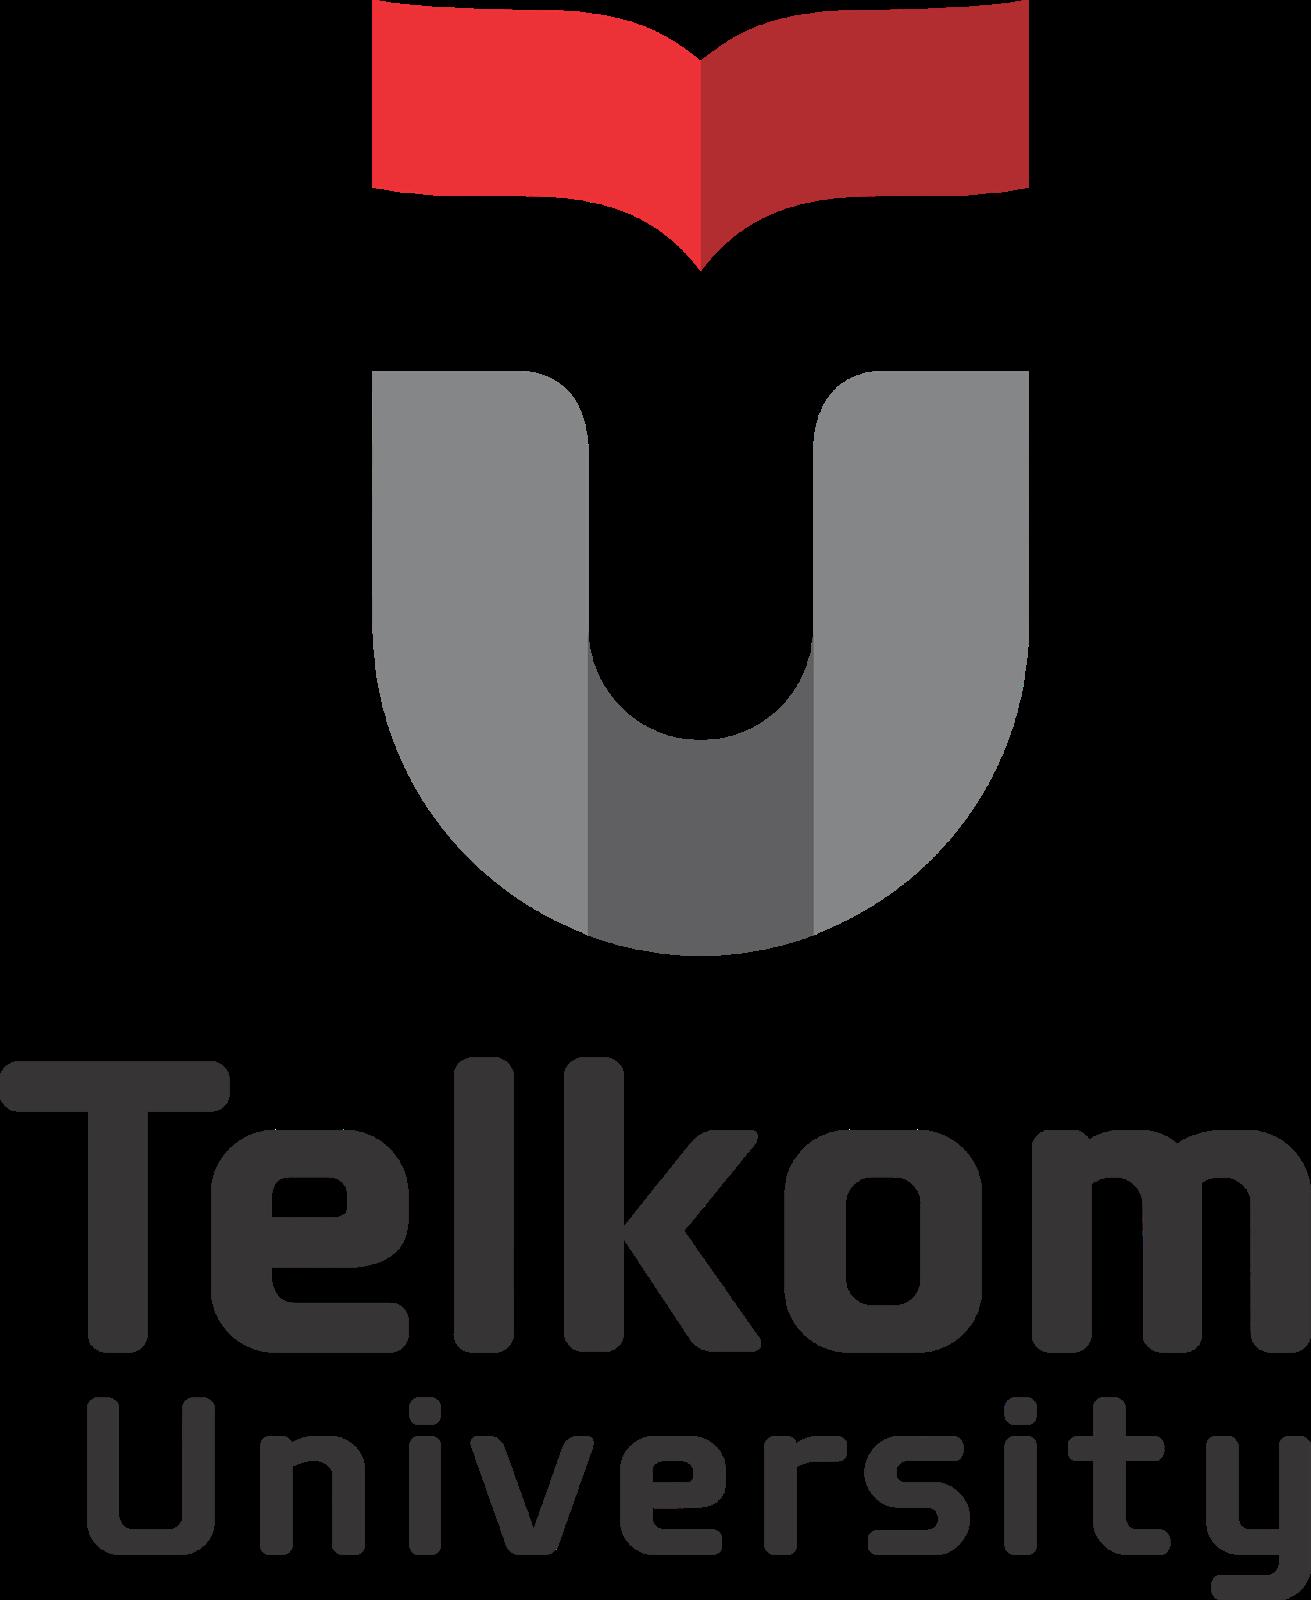 Logo Telkom University